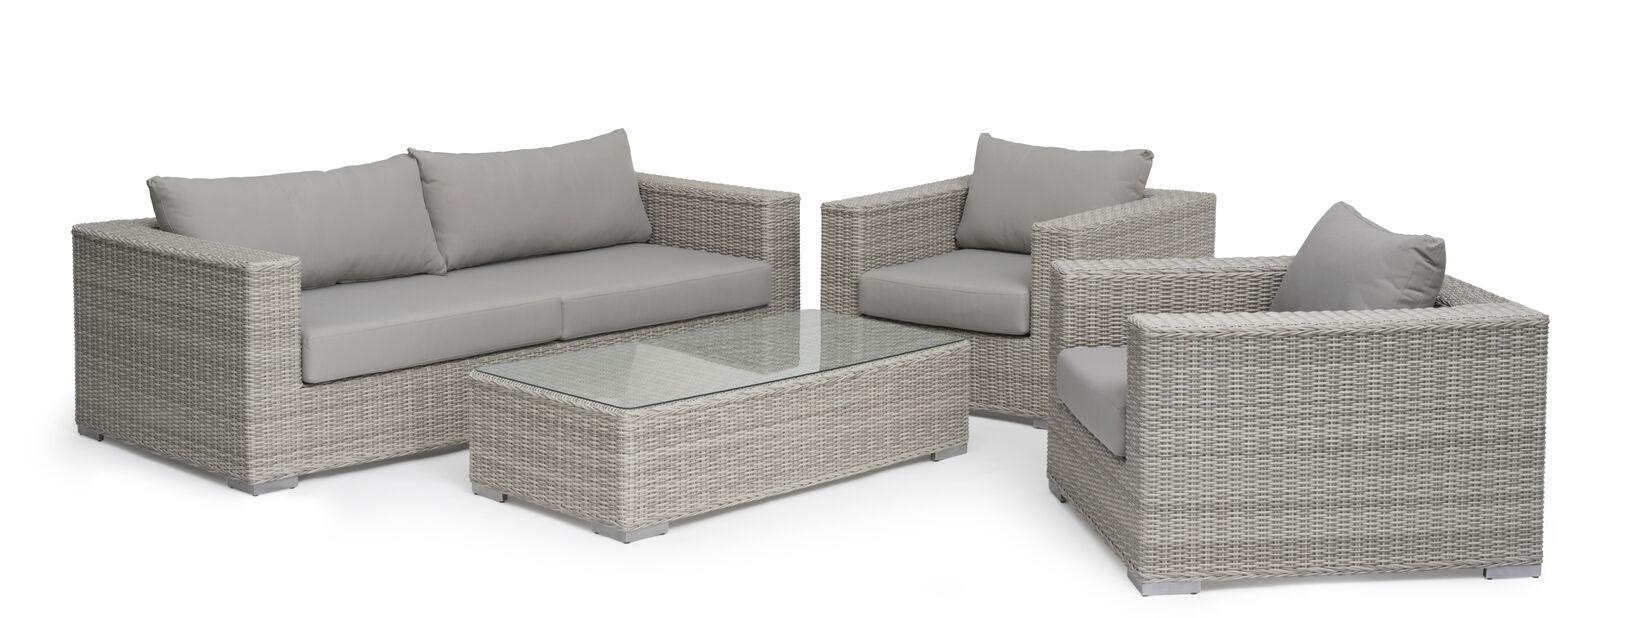 Sofagruppe Hamilton , 5 sitteplatser, Grå